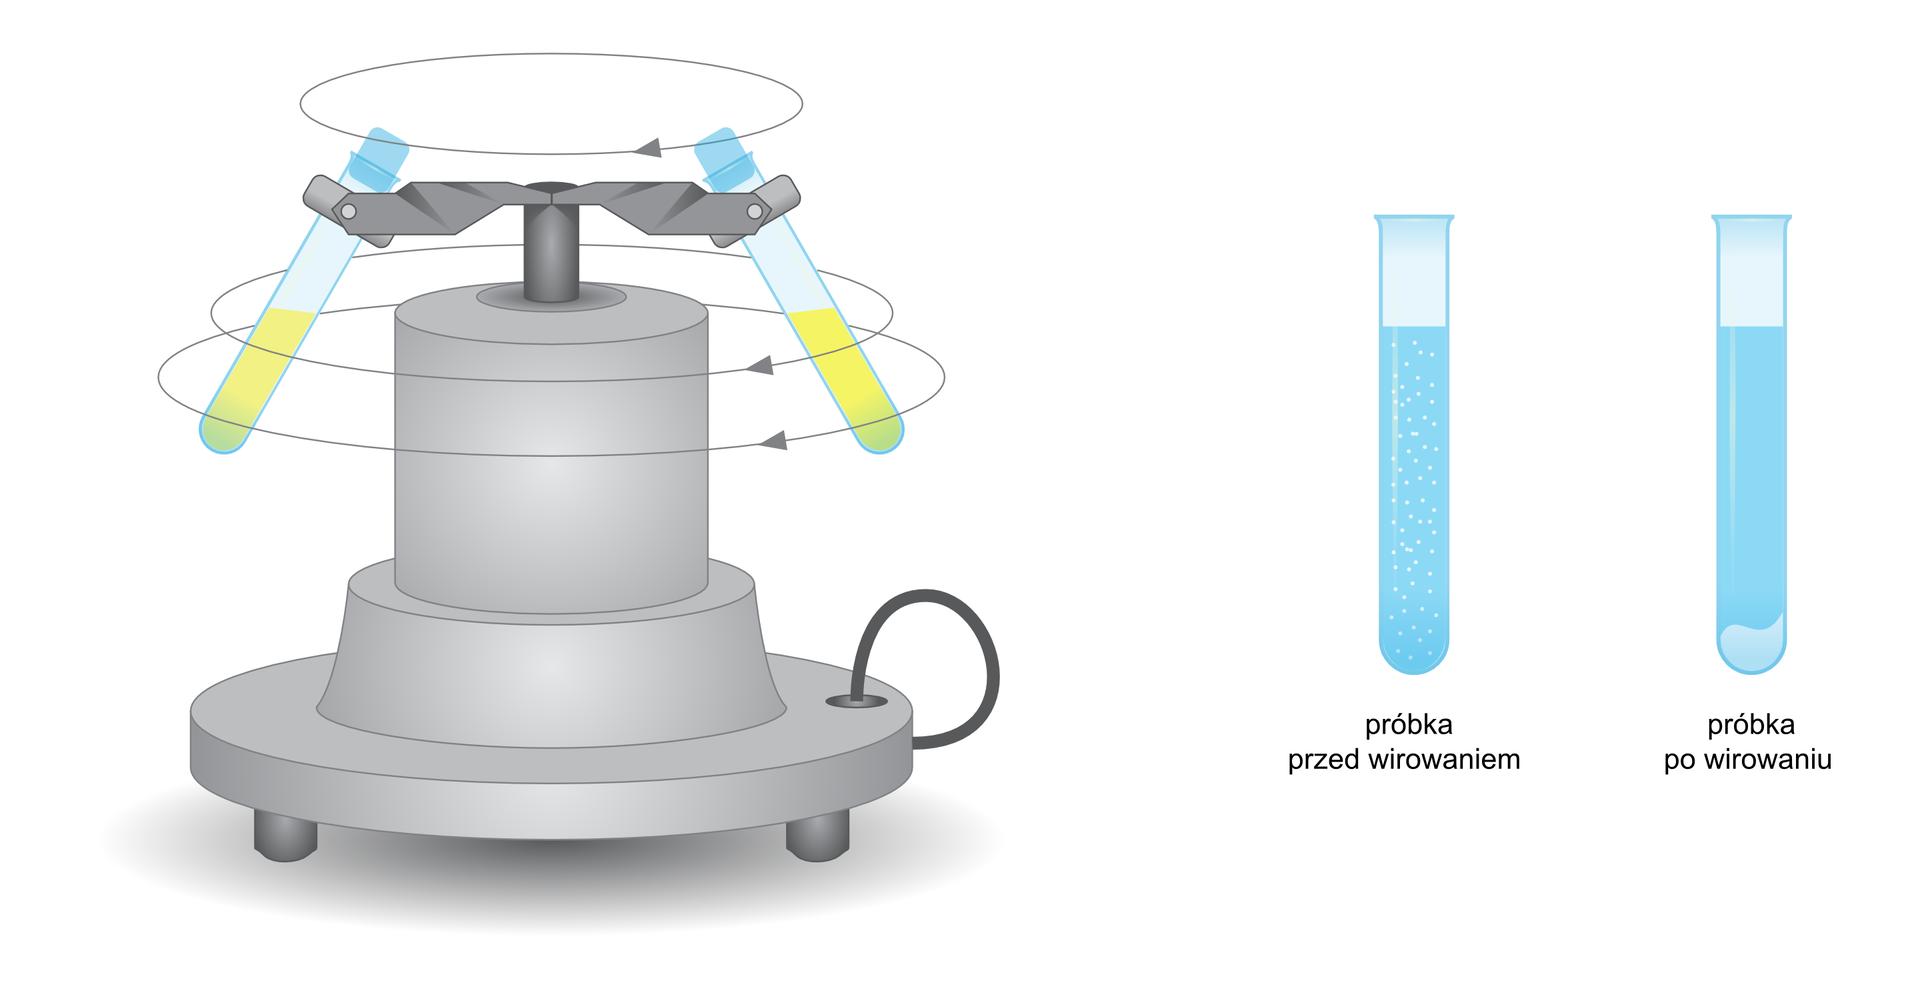 Ilustracja przedstawia wirówkę laboratoryjną, mającą postać szerszego unasady cylindra, który wgórnej części ma dwa ramiona służące do mocowania probówek pod kątem około 60 stopni do poziomu. Rysunek ma zaznaczoną oś obrotu ramion zprobówkami, który odbywa się poziomo izgodnie zruchem wskazówek zegara patrząc od góry. Po prawej strony rysunku wirówki znajdują się rysunki dwóch probówek. Pierwsza, opisana jako Próbka przed wirowaniem zawiera płyn zwidocznymi drobinkami białej zawiesiny wcałej jego objętości. Druga, opisana jako próbka po wirowaniu zawiera czysty płyn zbiałym osadem zebranym na dnie.